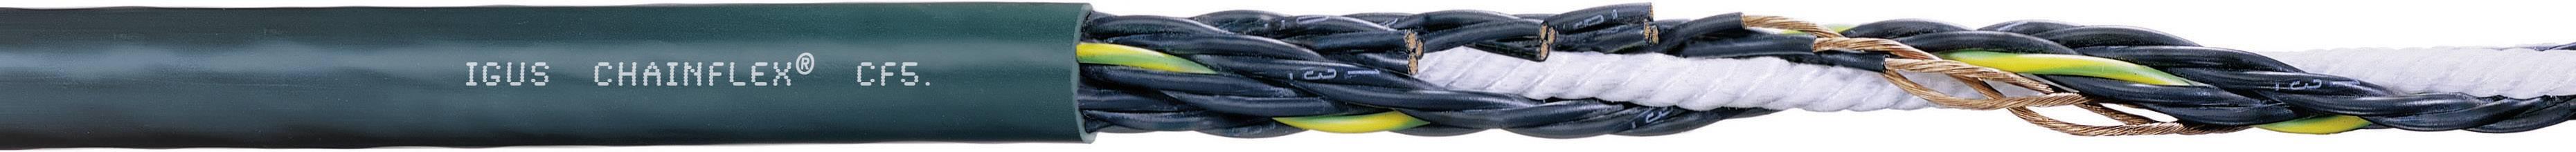 Řídicí kabelové vedení igus Chainflex® CF CF5.10.03, 3x 1 mm², Ø 6,5 mm, nestíněný, 1 m